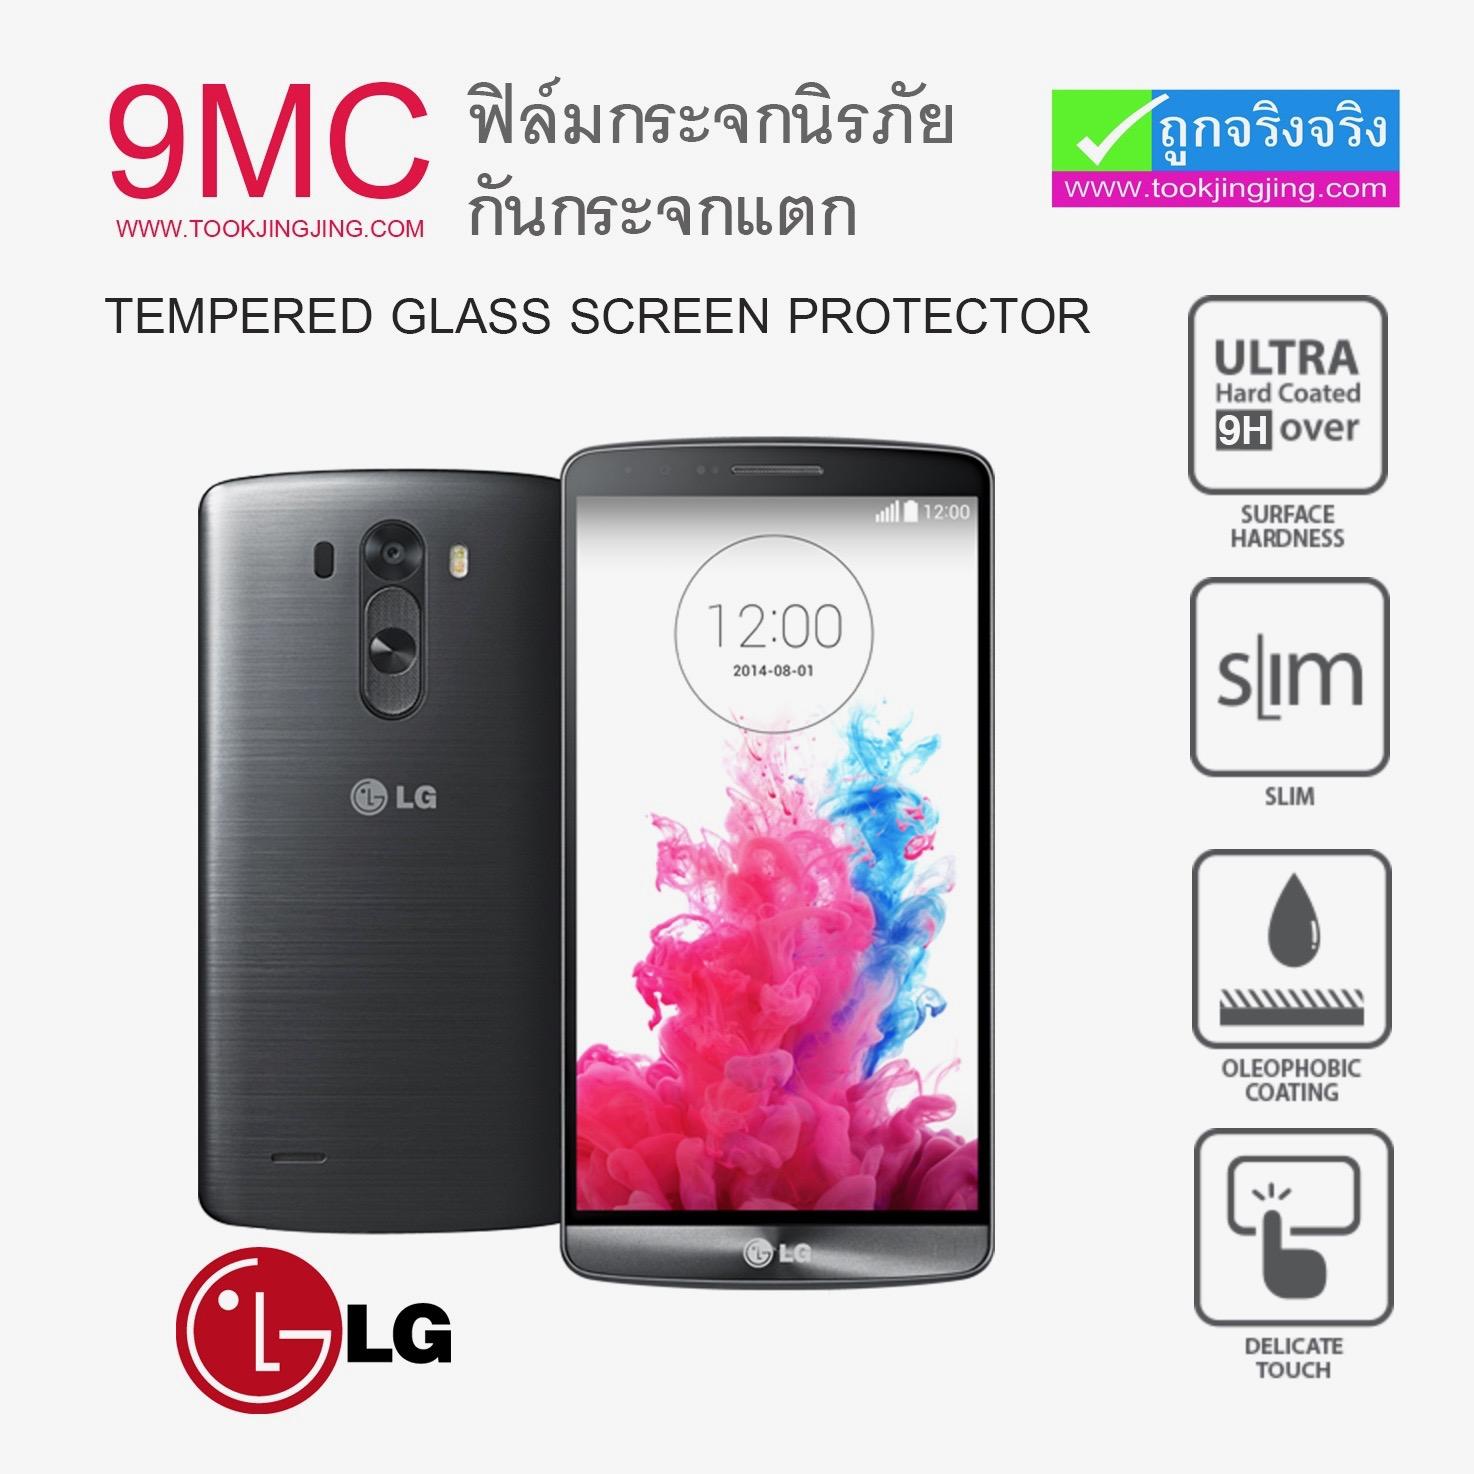 ฟิล์มกระจก LG 9MC ความแข็ง 9H ราคา 49 บาท ปกติ 160 บาท